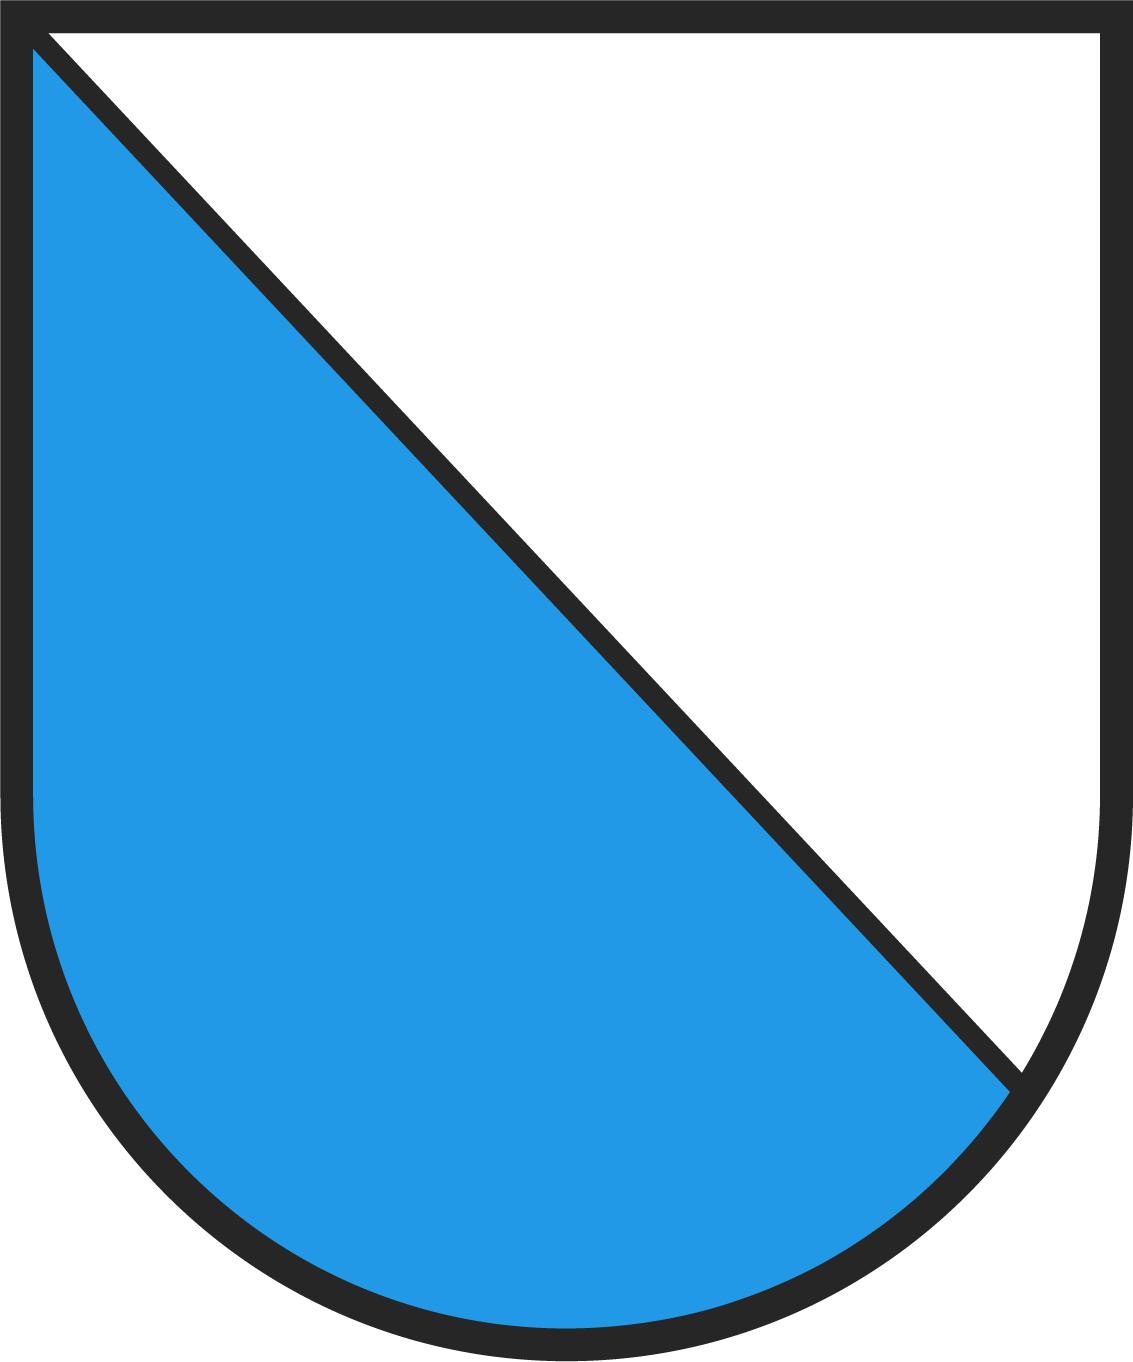 Wappen des Kantons Zürich